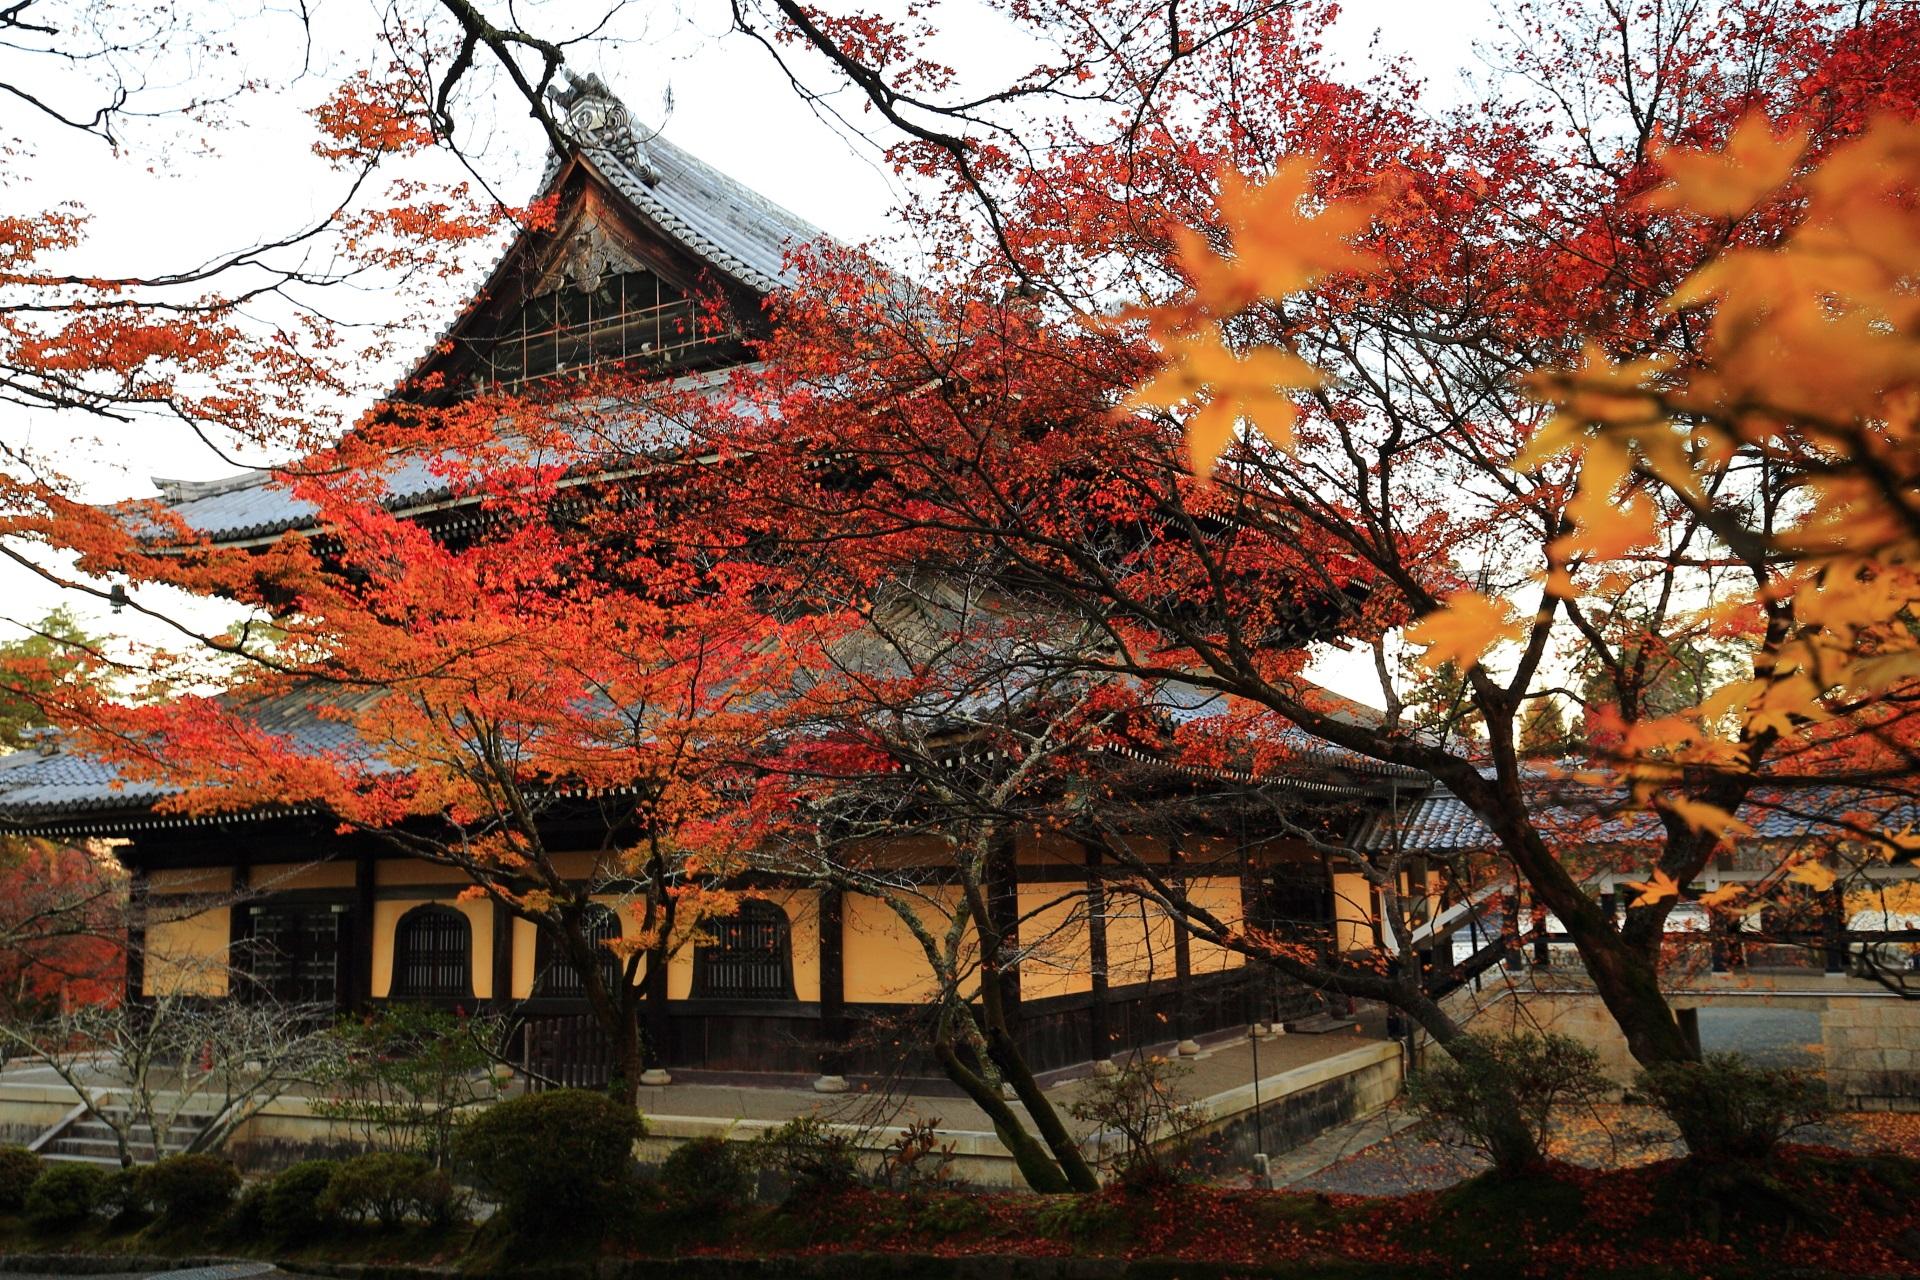 南禅寺の独特の色合いの法堂と鮮やかな紅葉